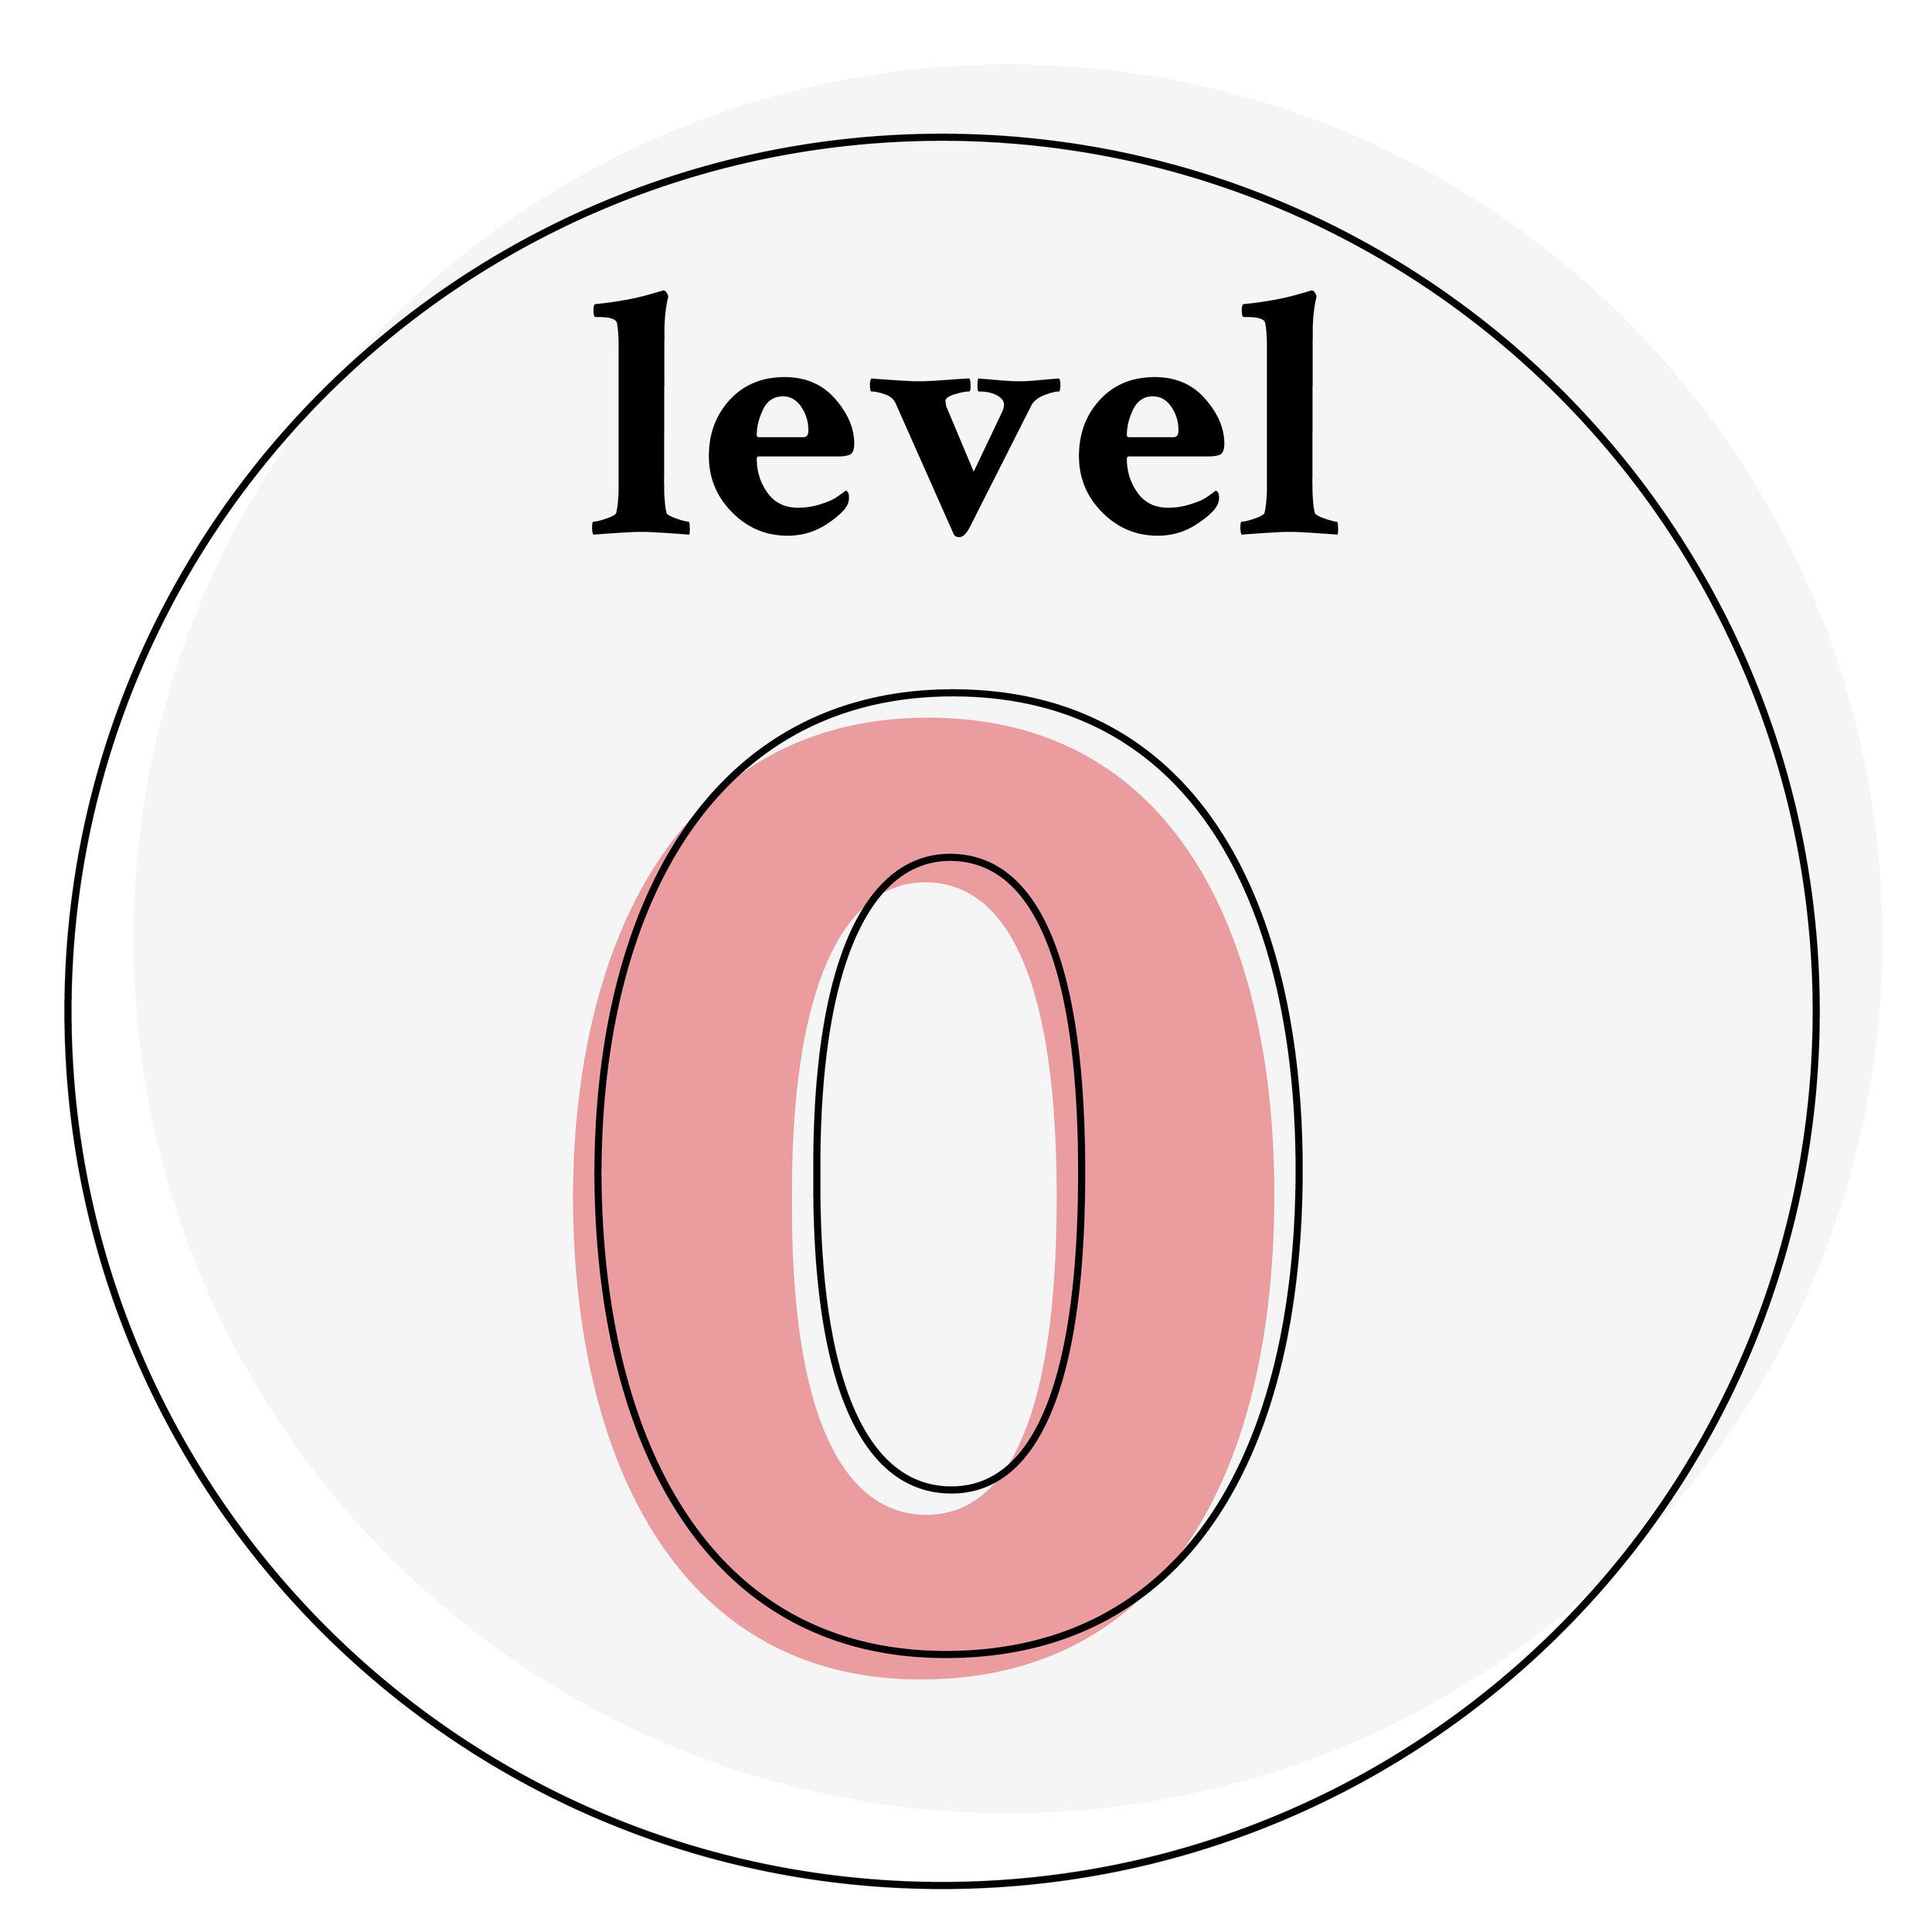 icon-level-0.jpg